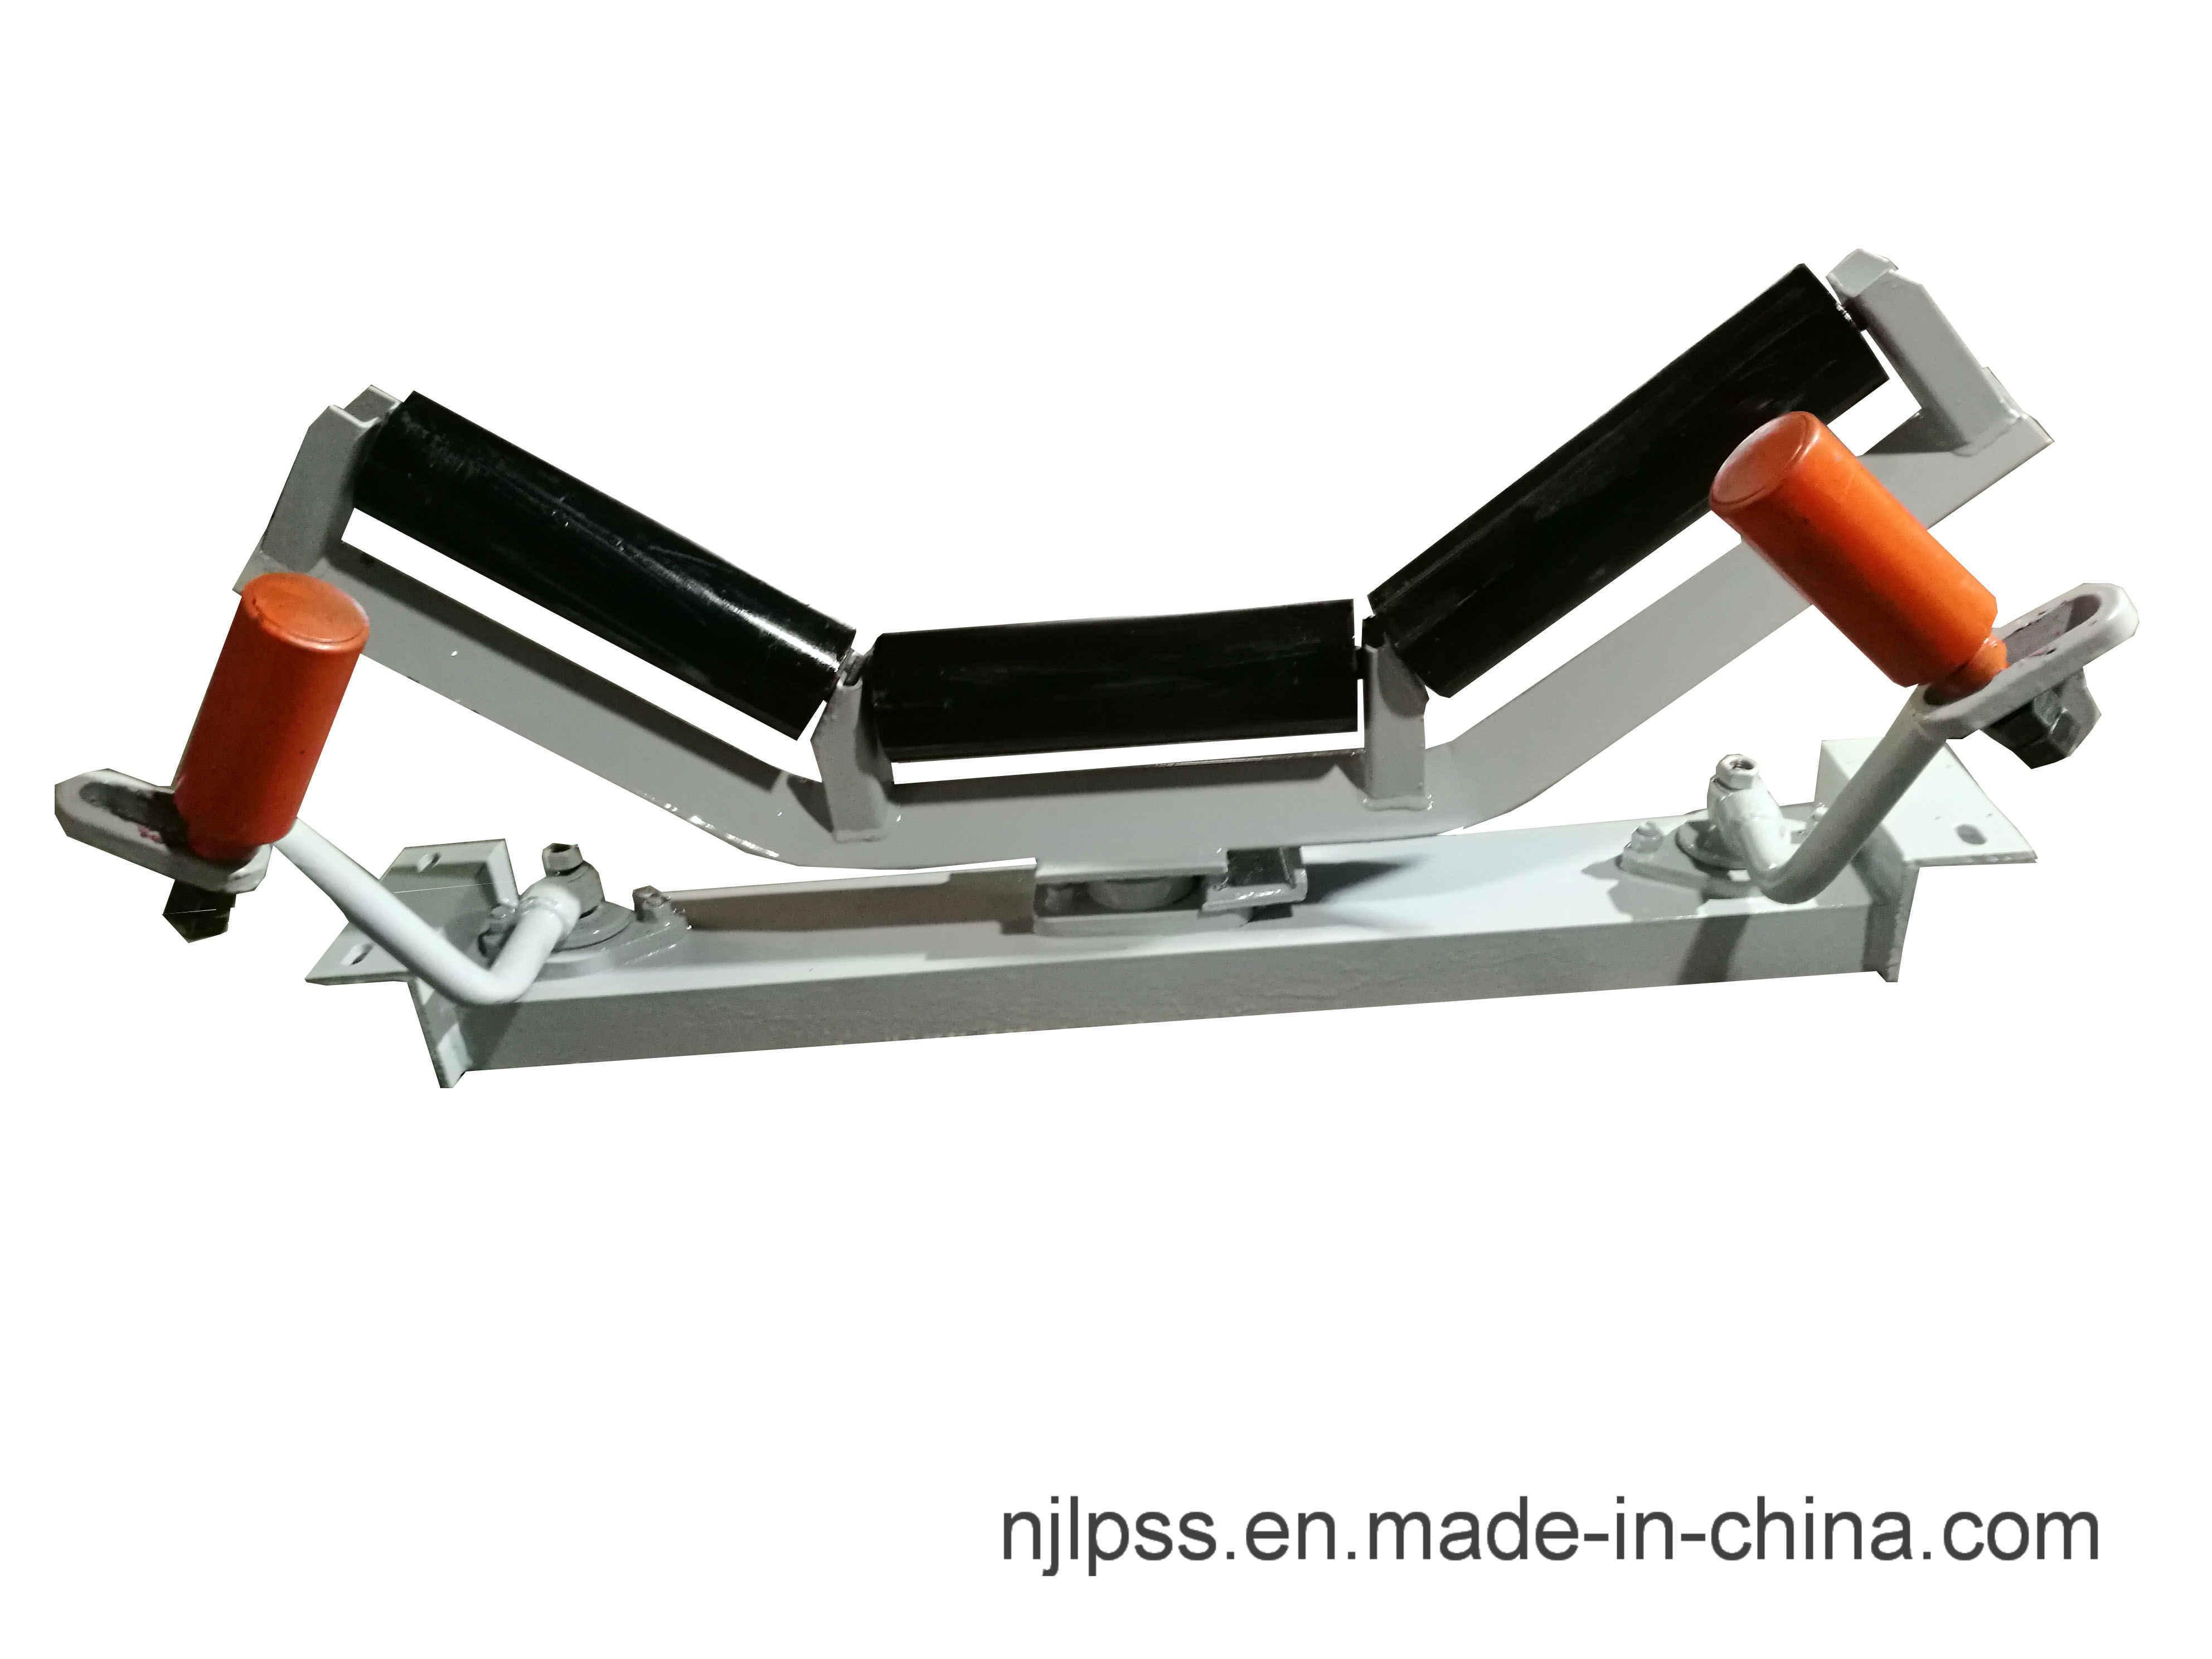 Carrier Self Aligning Roller Group for Belt Conveyor Dtd-S